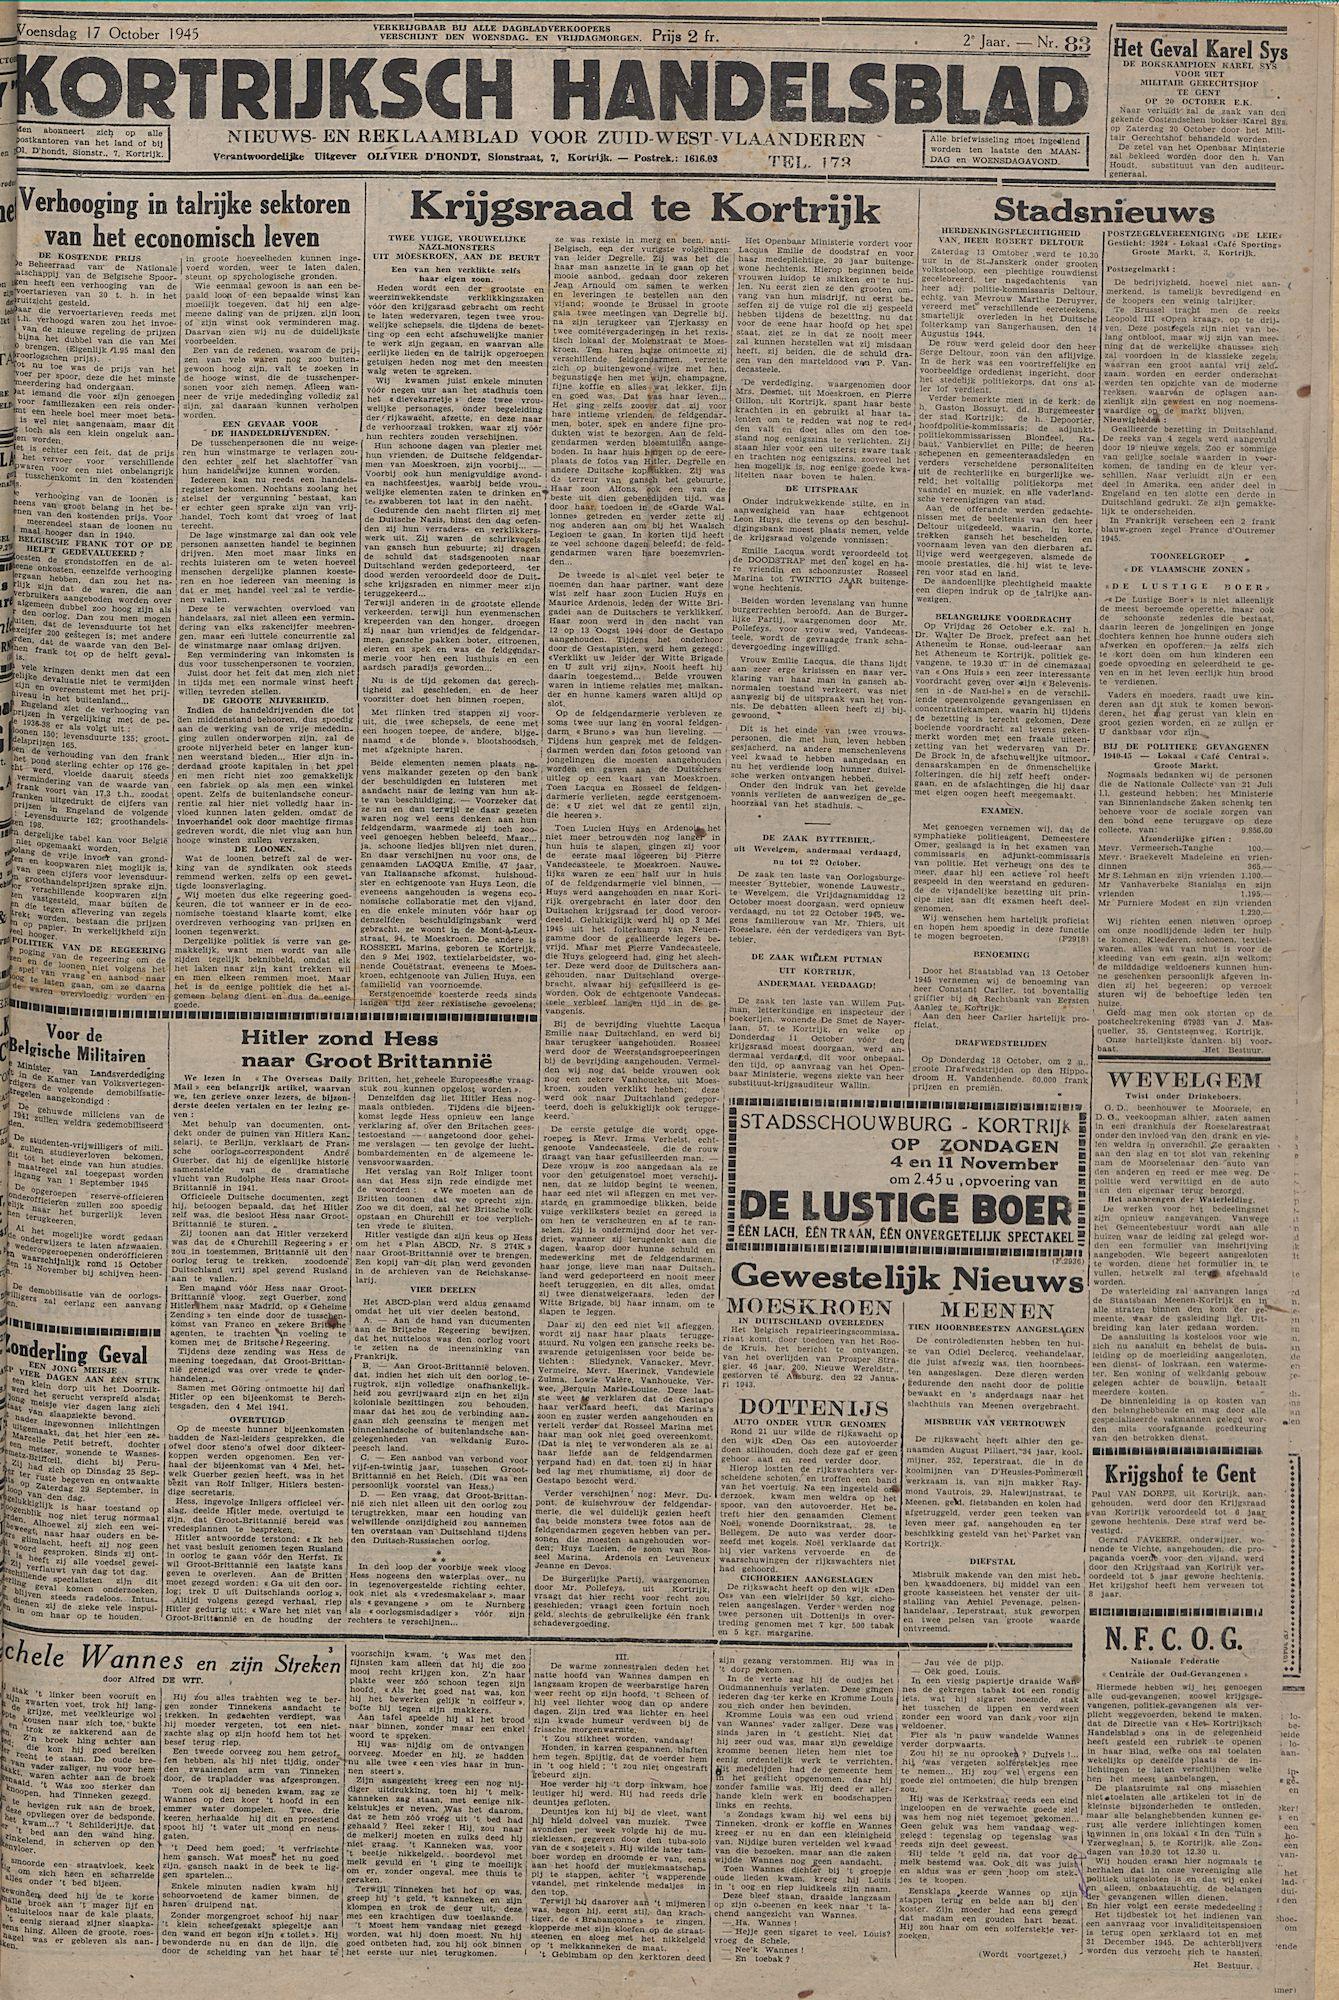 Kortrijksch Handelsblad 17 october 1945 Nr83 p1